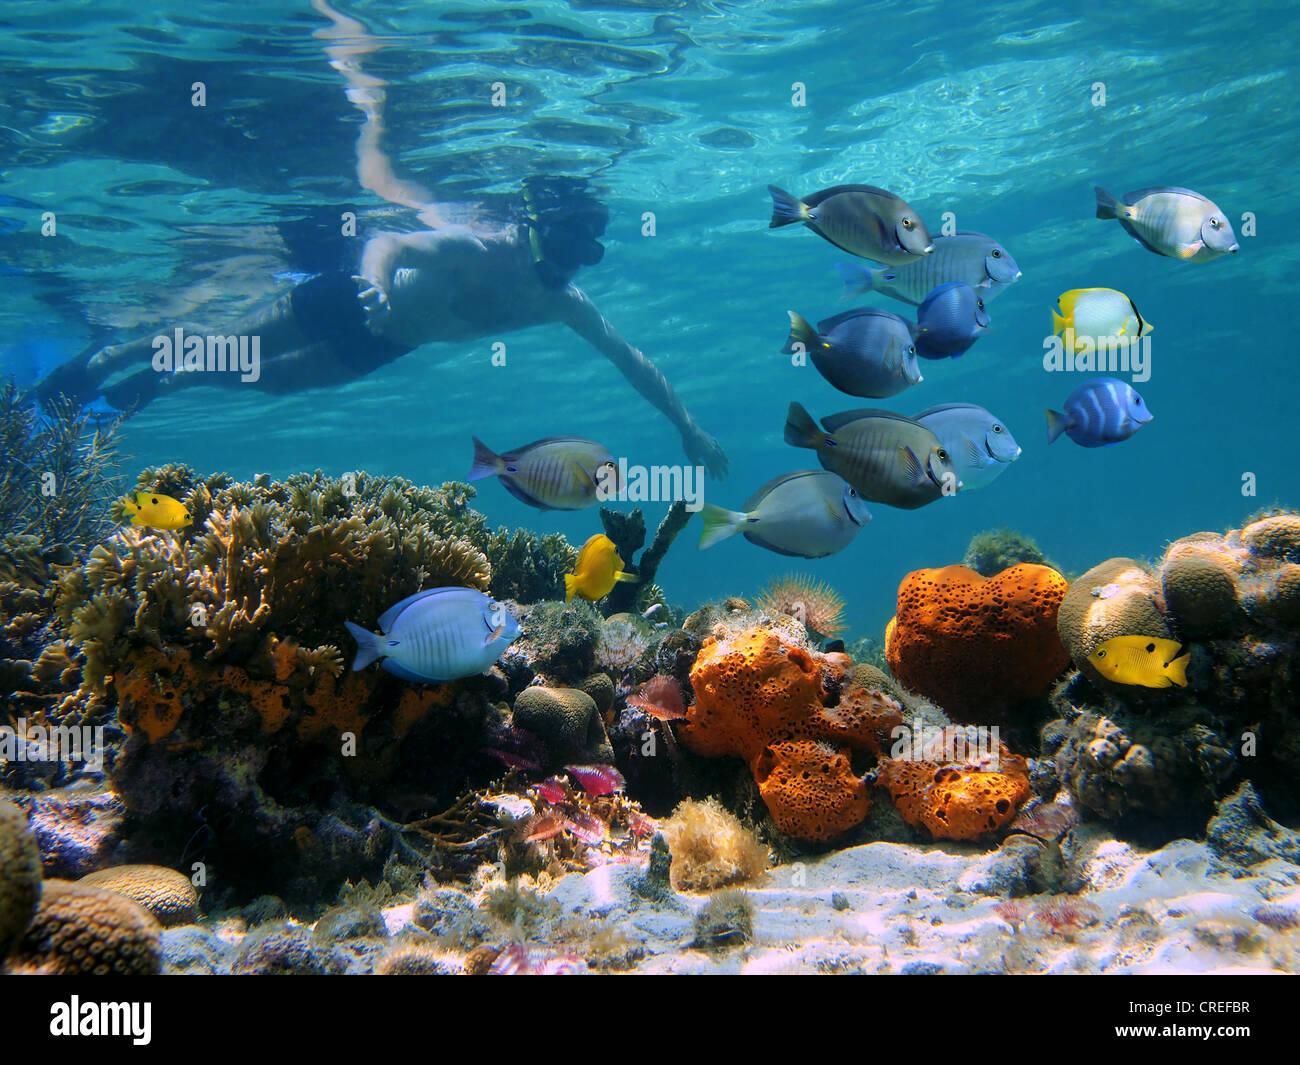 Hombre underwater snorkeling en un arrecife de coral multicolor con escuela de peces tropicales Imagen De Stock